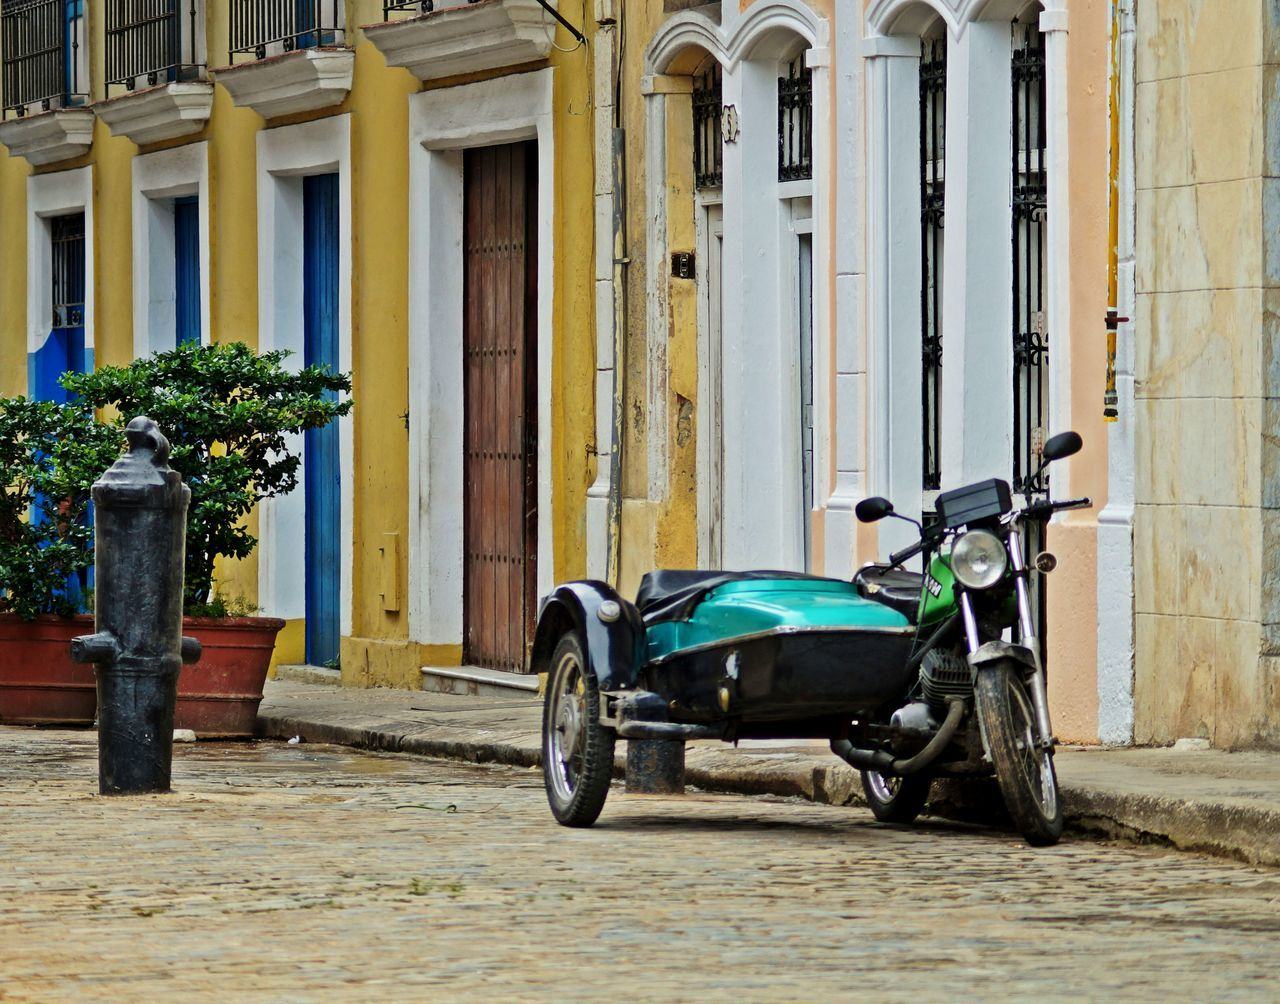 Multicolor Sidecar Cuba Streetphotography Super Retro